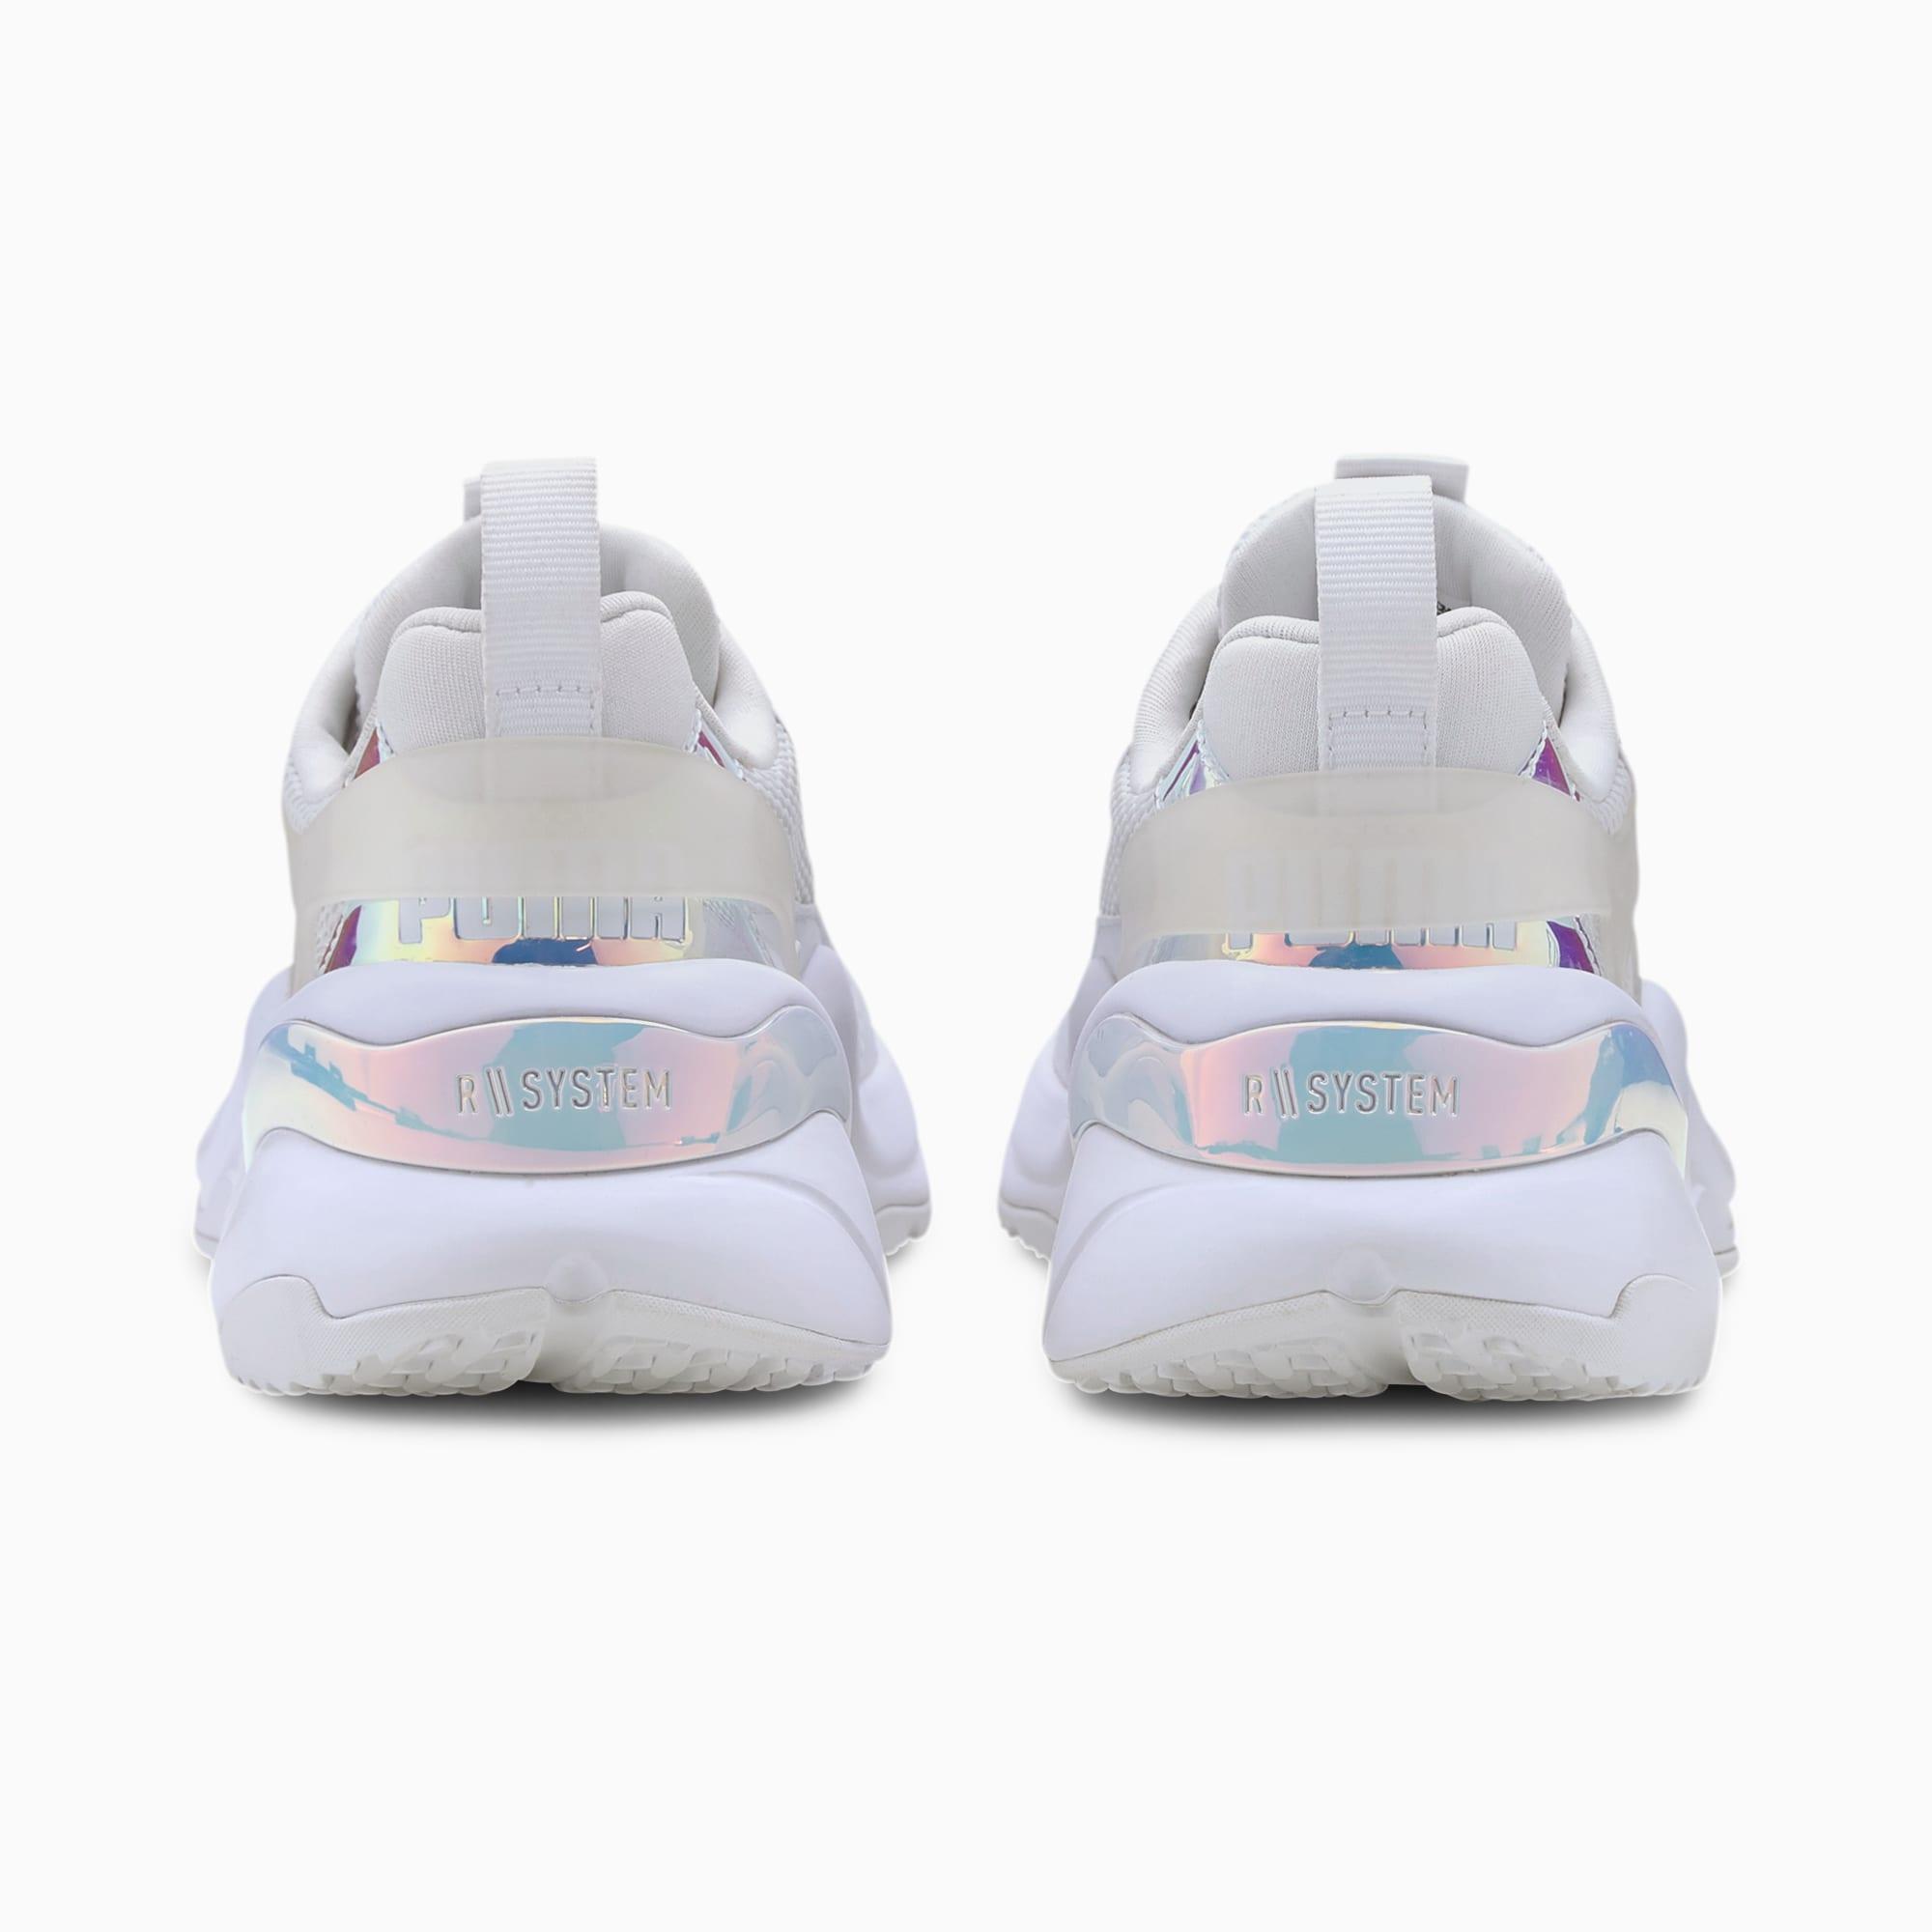 Rise Glow Women's Sneakers